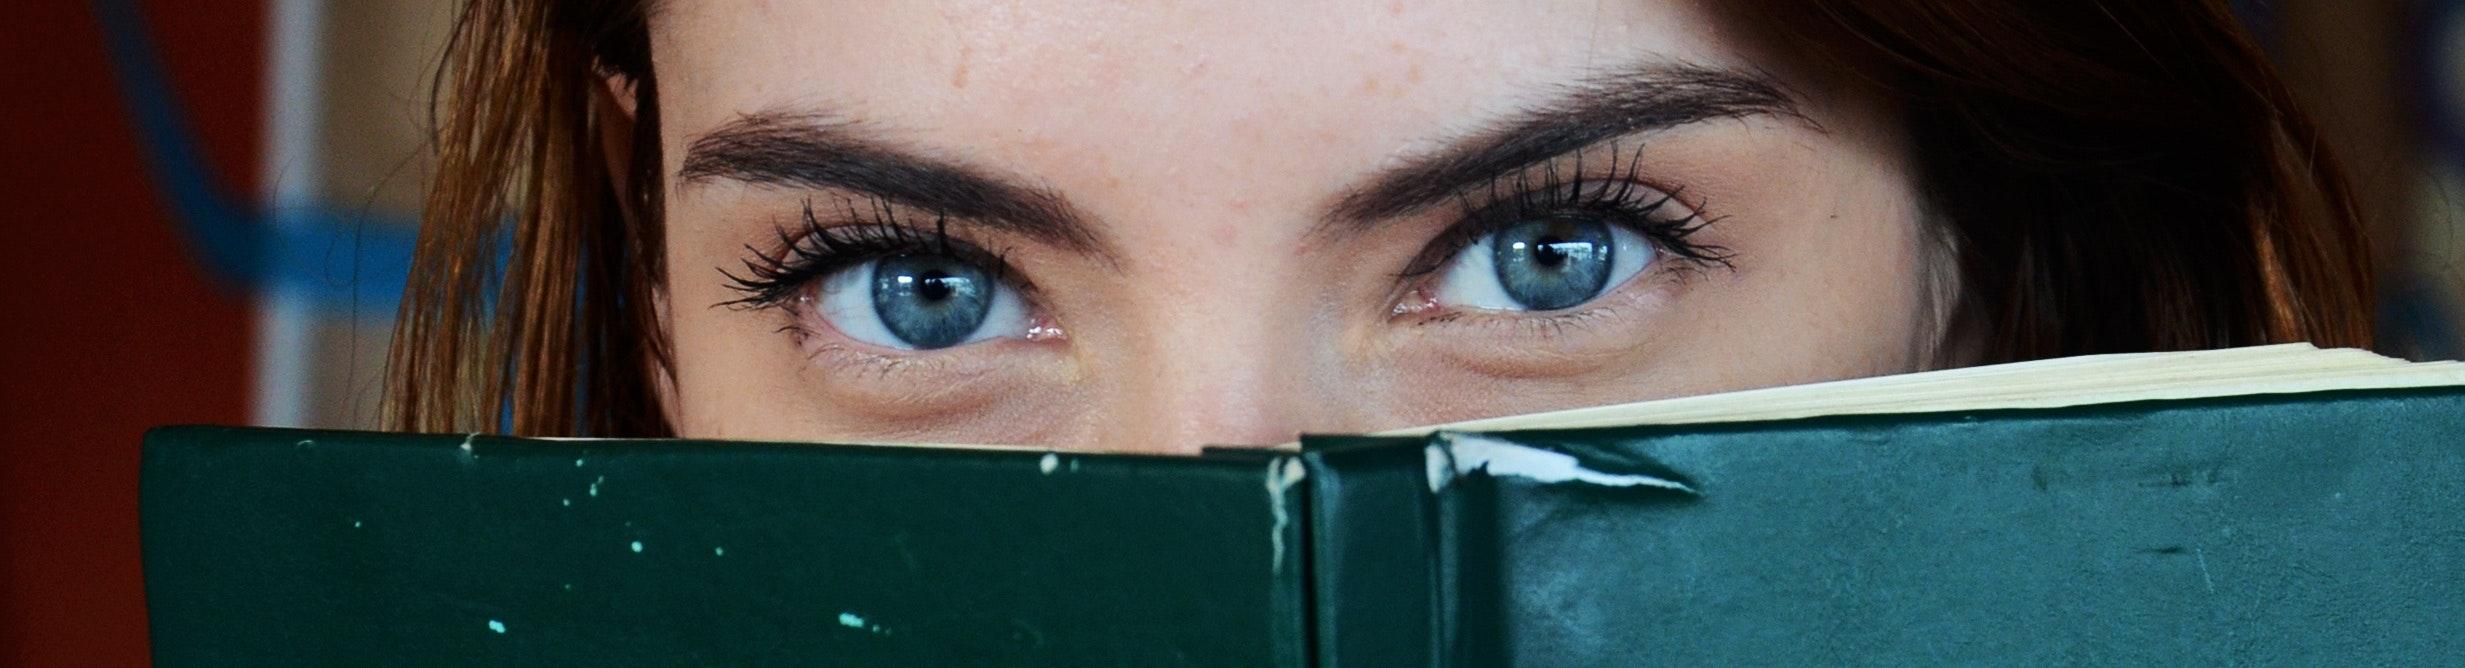 El peligro de los libros de autoayuda